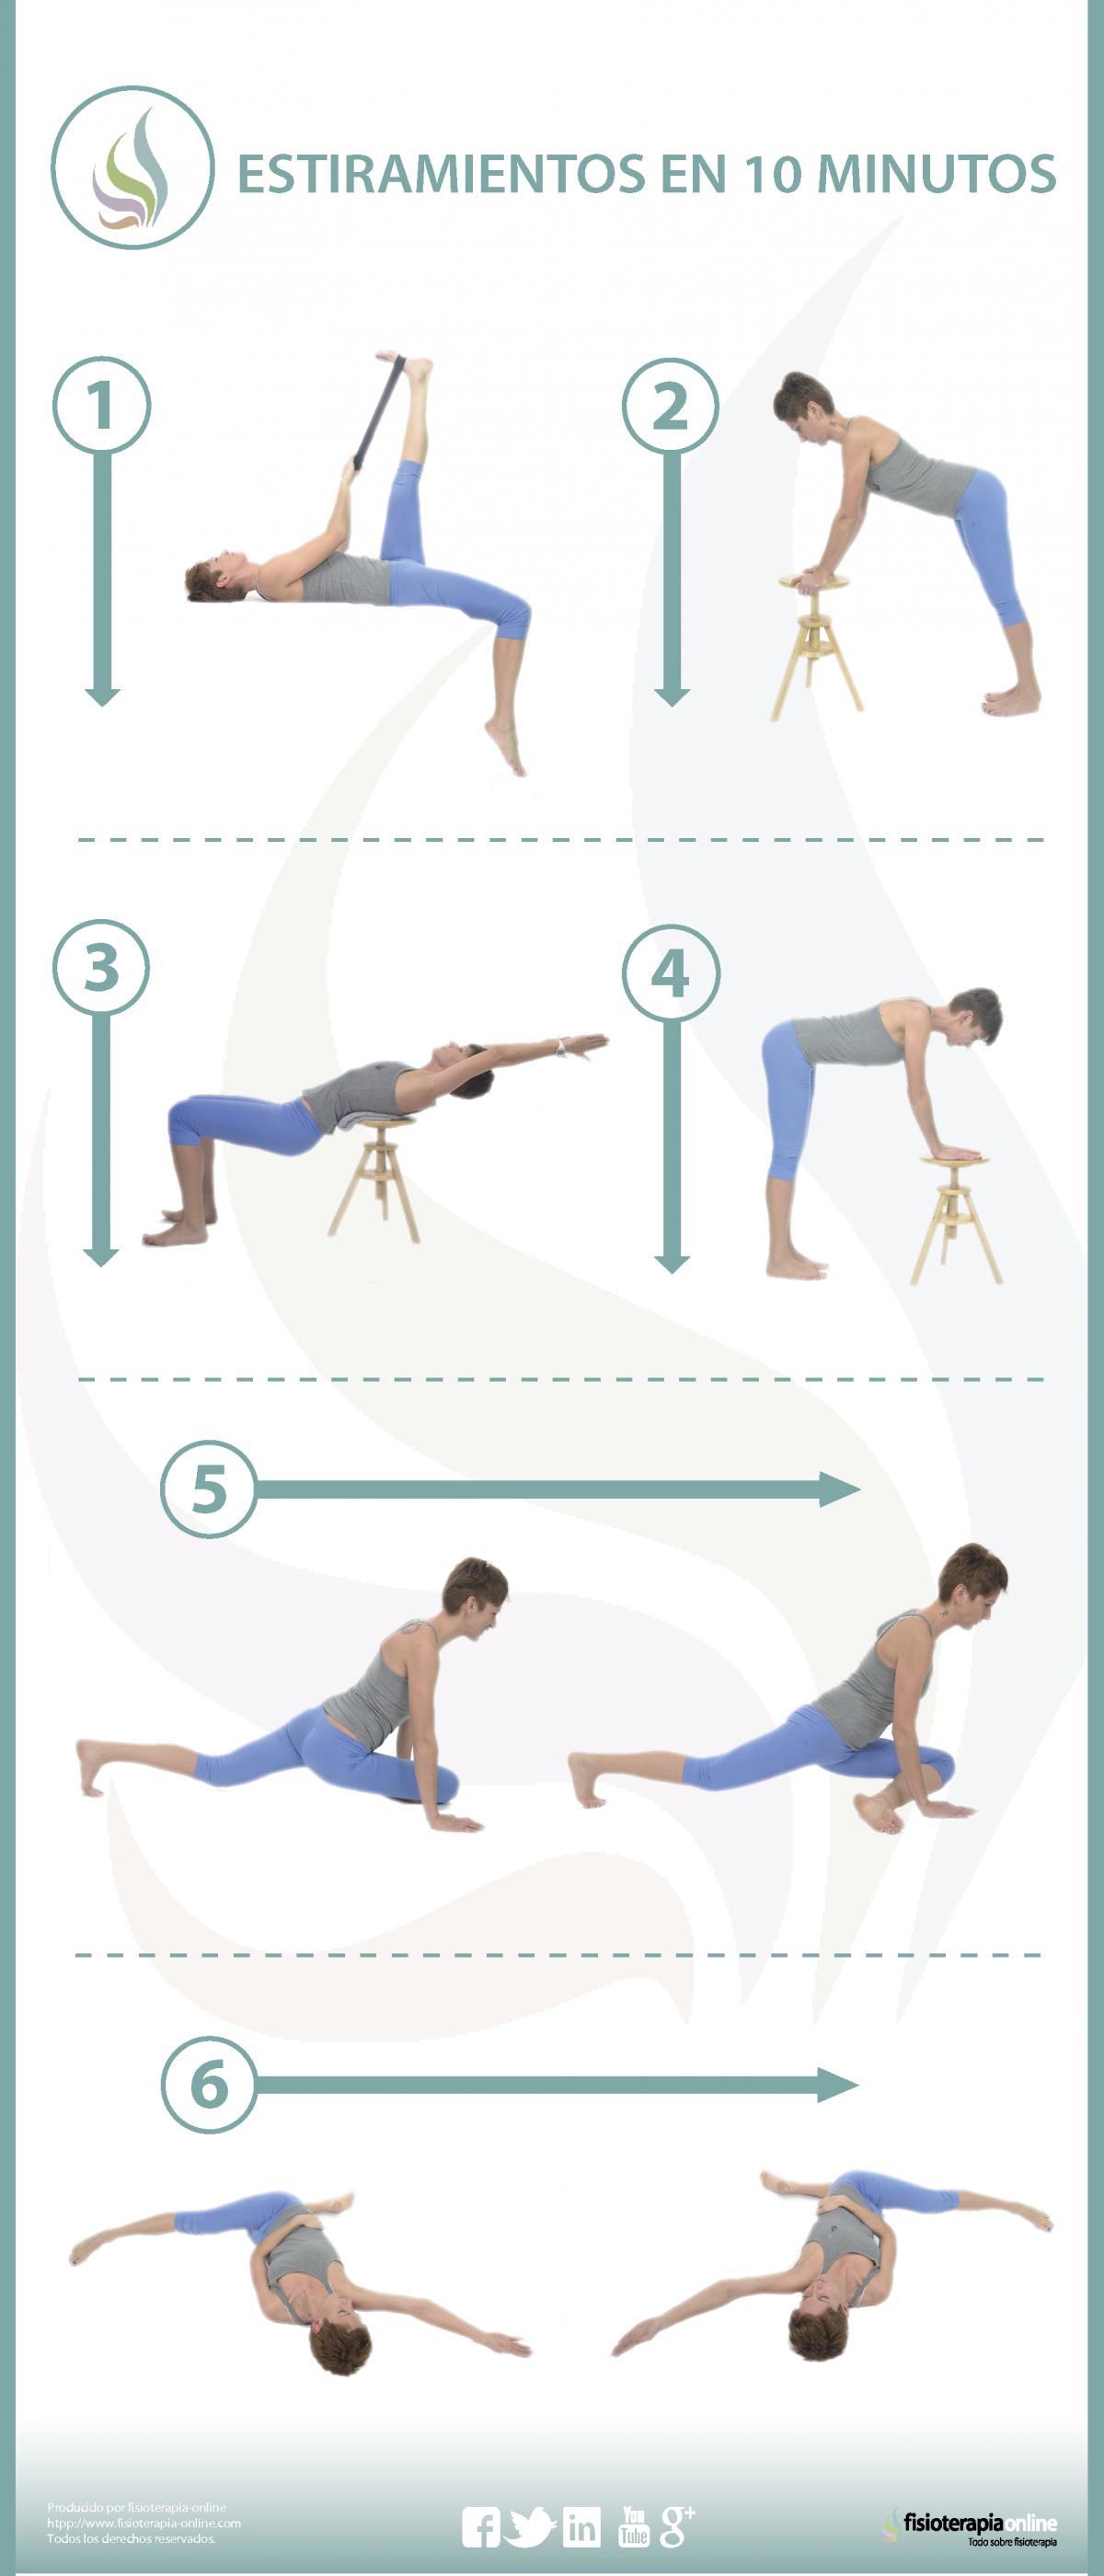 6 Estiramientos Para Cuidar Tu Espalda Y Piernas En 10 Minutos Estiramiento De Piernas Estiramientos Dolor De Piernas